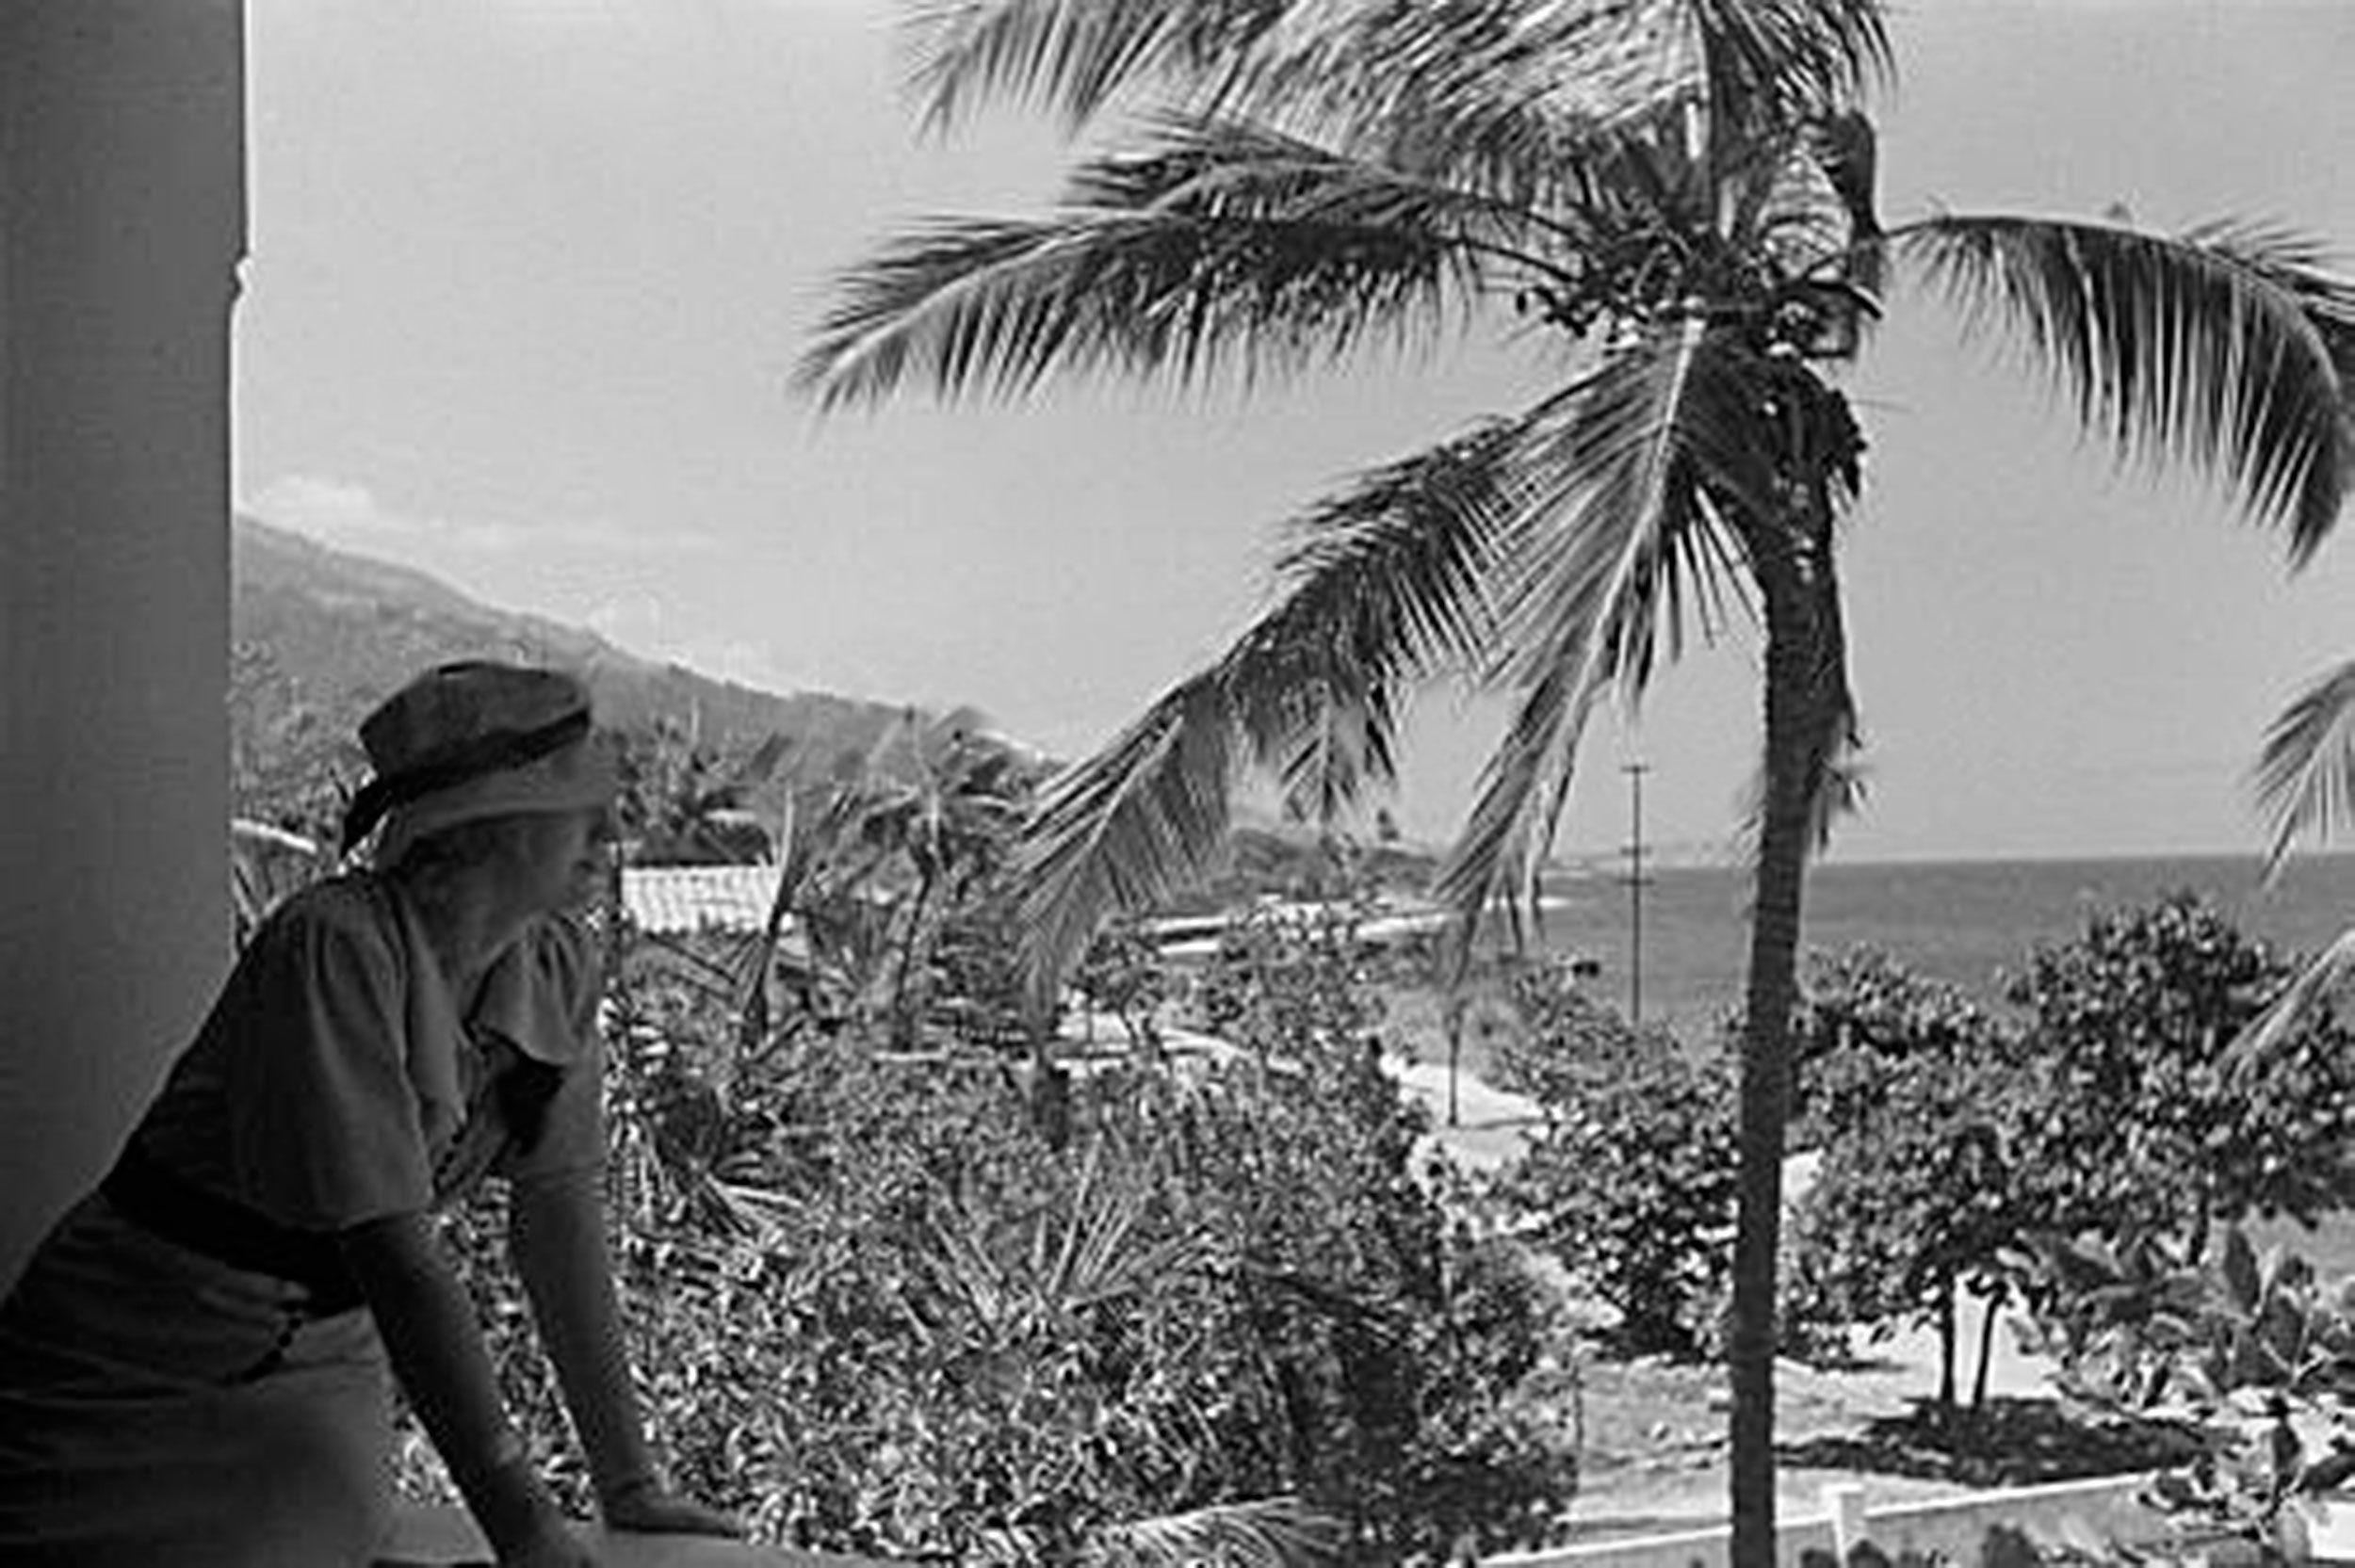 Hermosa Y Elegante Turista Alemana Que Acompaño Al Fotógrafo Hanns Tschira En Su Recorrido Por Venezuela Luego De Desembarcar En El Puerto De La Guaira Posan